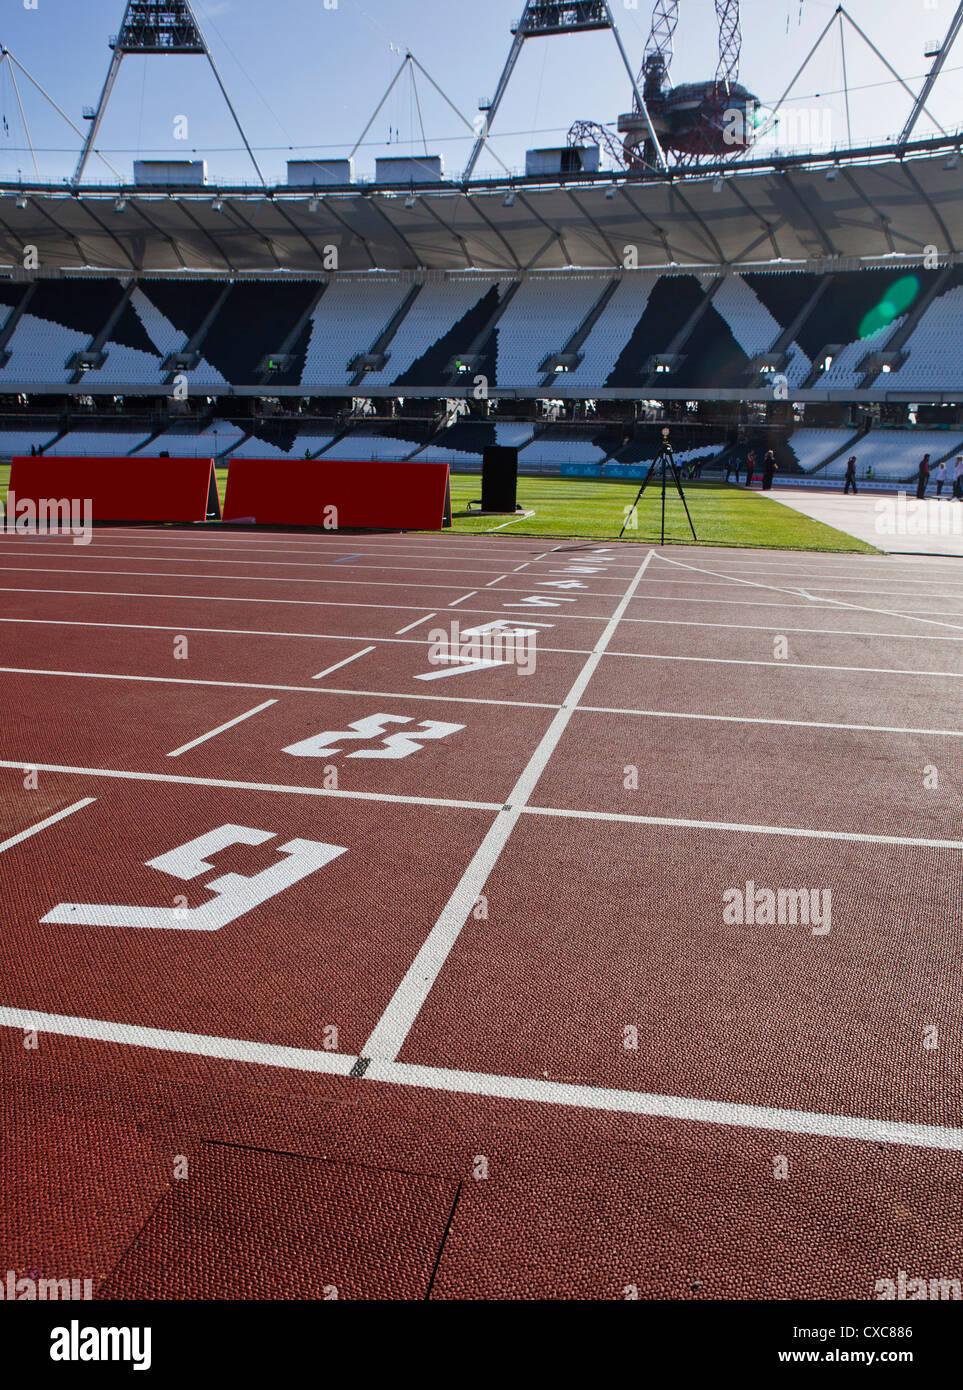 La línea de meta de la pista de atletismo en el interior del Estadio Olímpico, Londres, Inglaterra, Reino Imagen De Stock